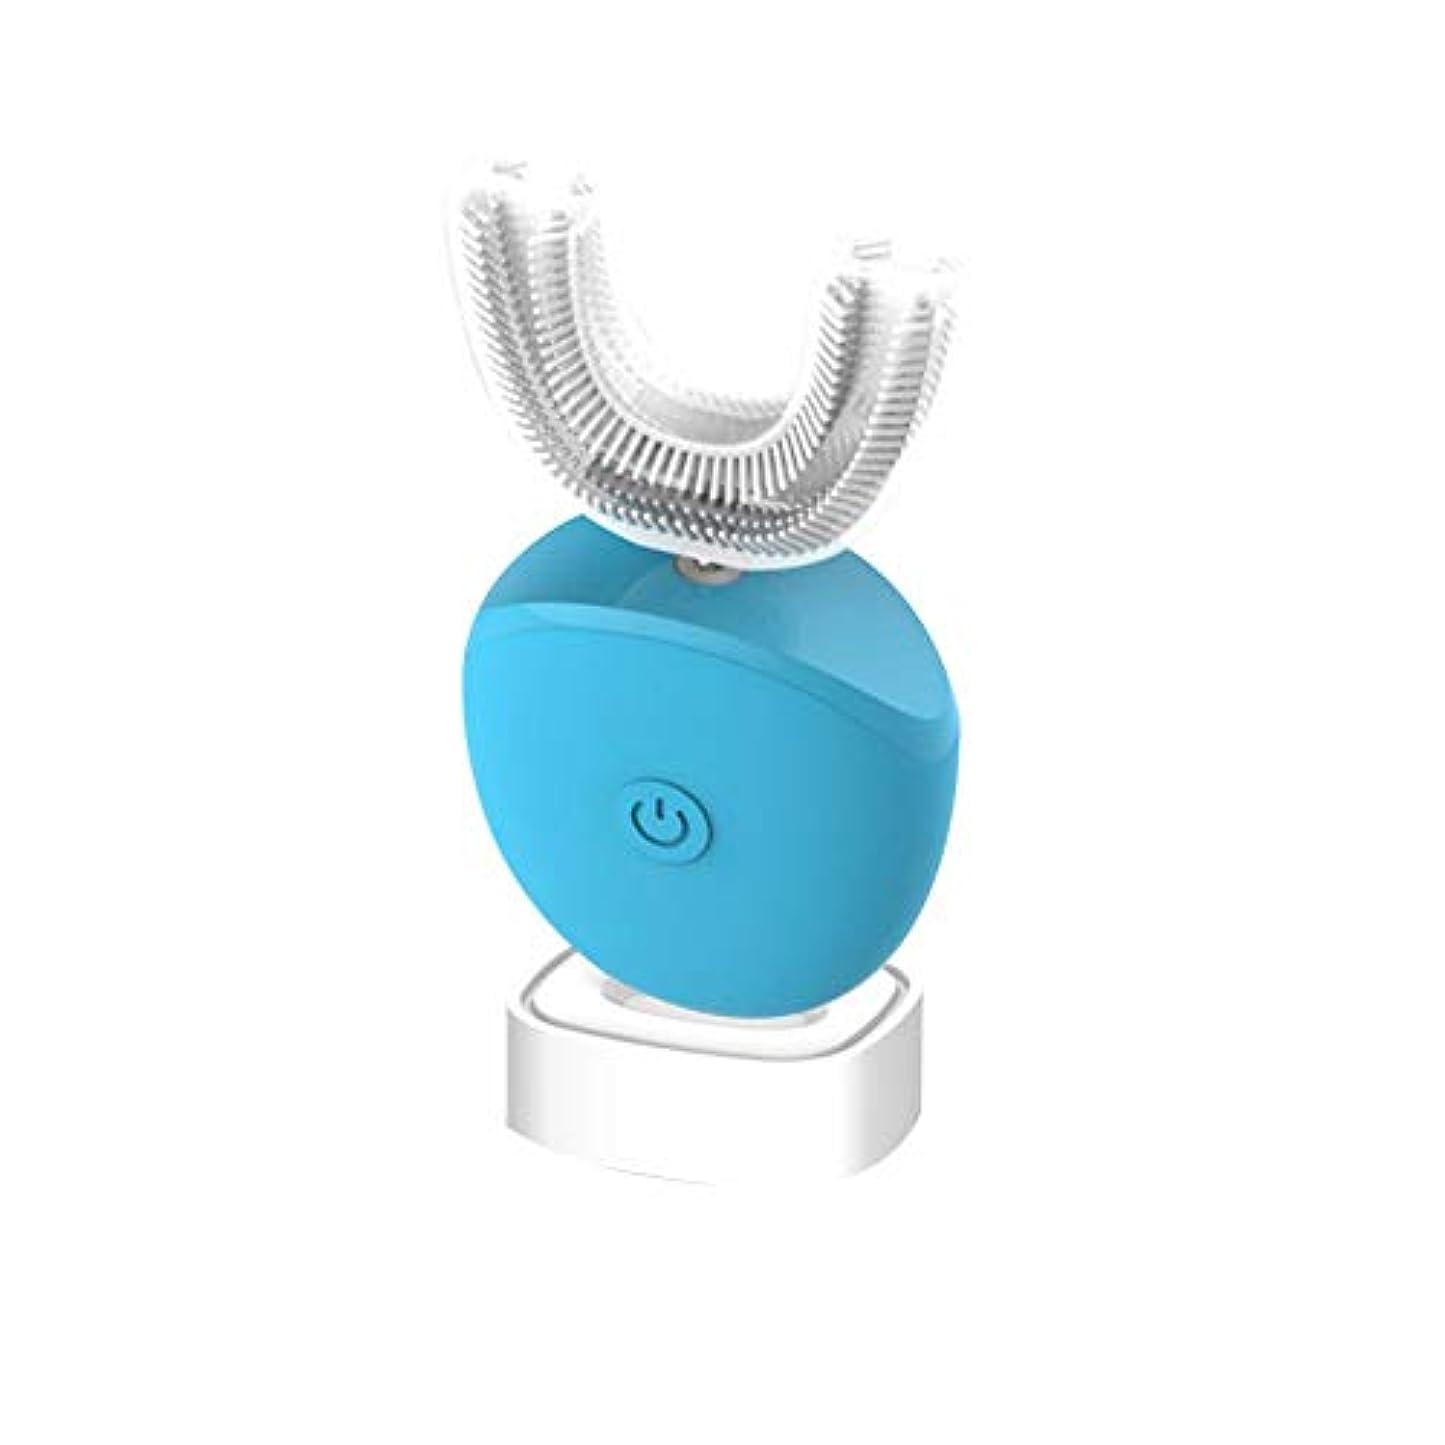 フルオートマチック可変周波数電動歯ブラシ、自動360度U字型電動歯ブラシ、ワイヤレス充電IPX7防水自動歯ブラシ(大人用),Blue